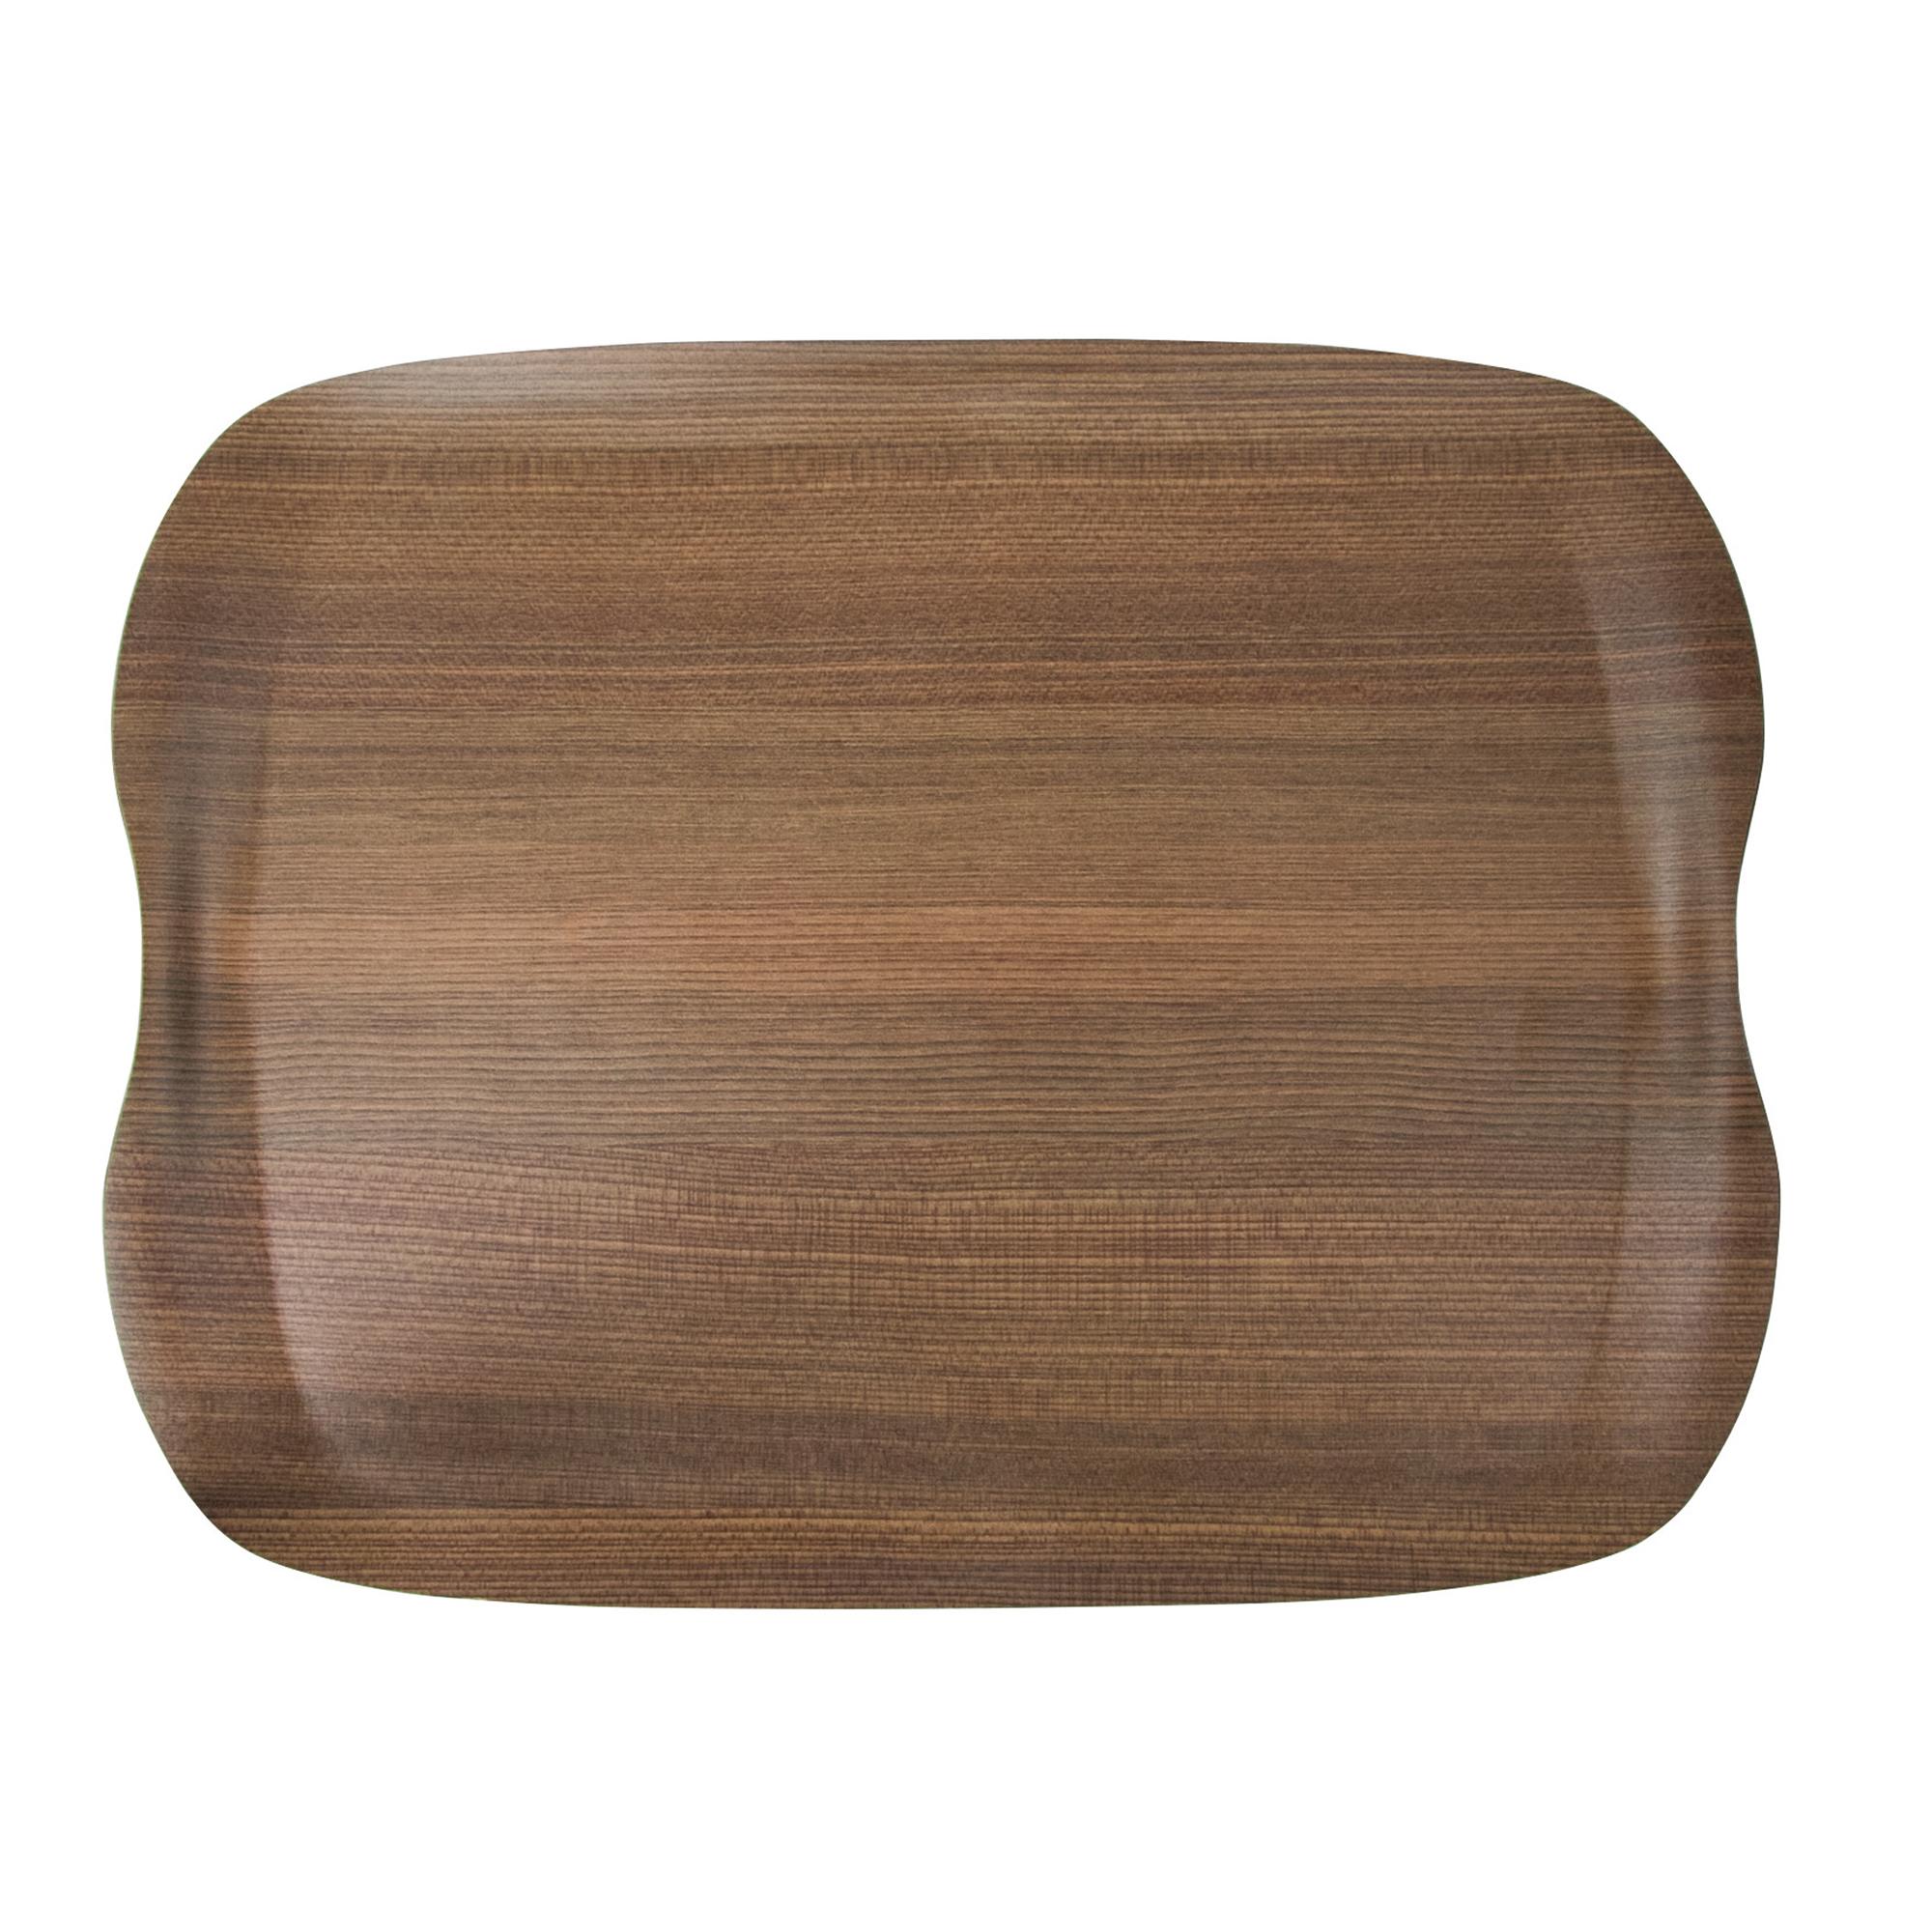 San Jamar ETW4232WW cafeteria tray